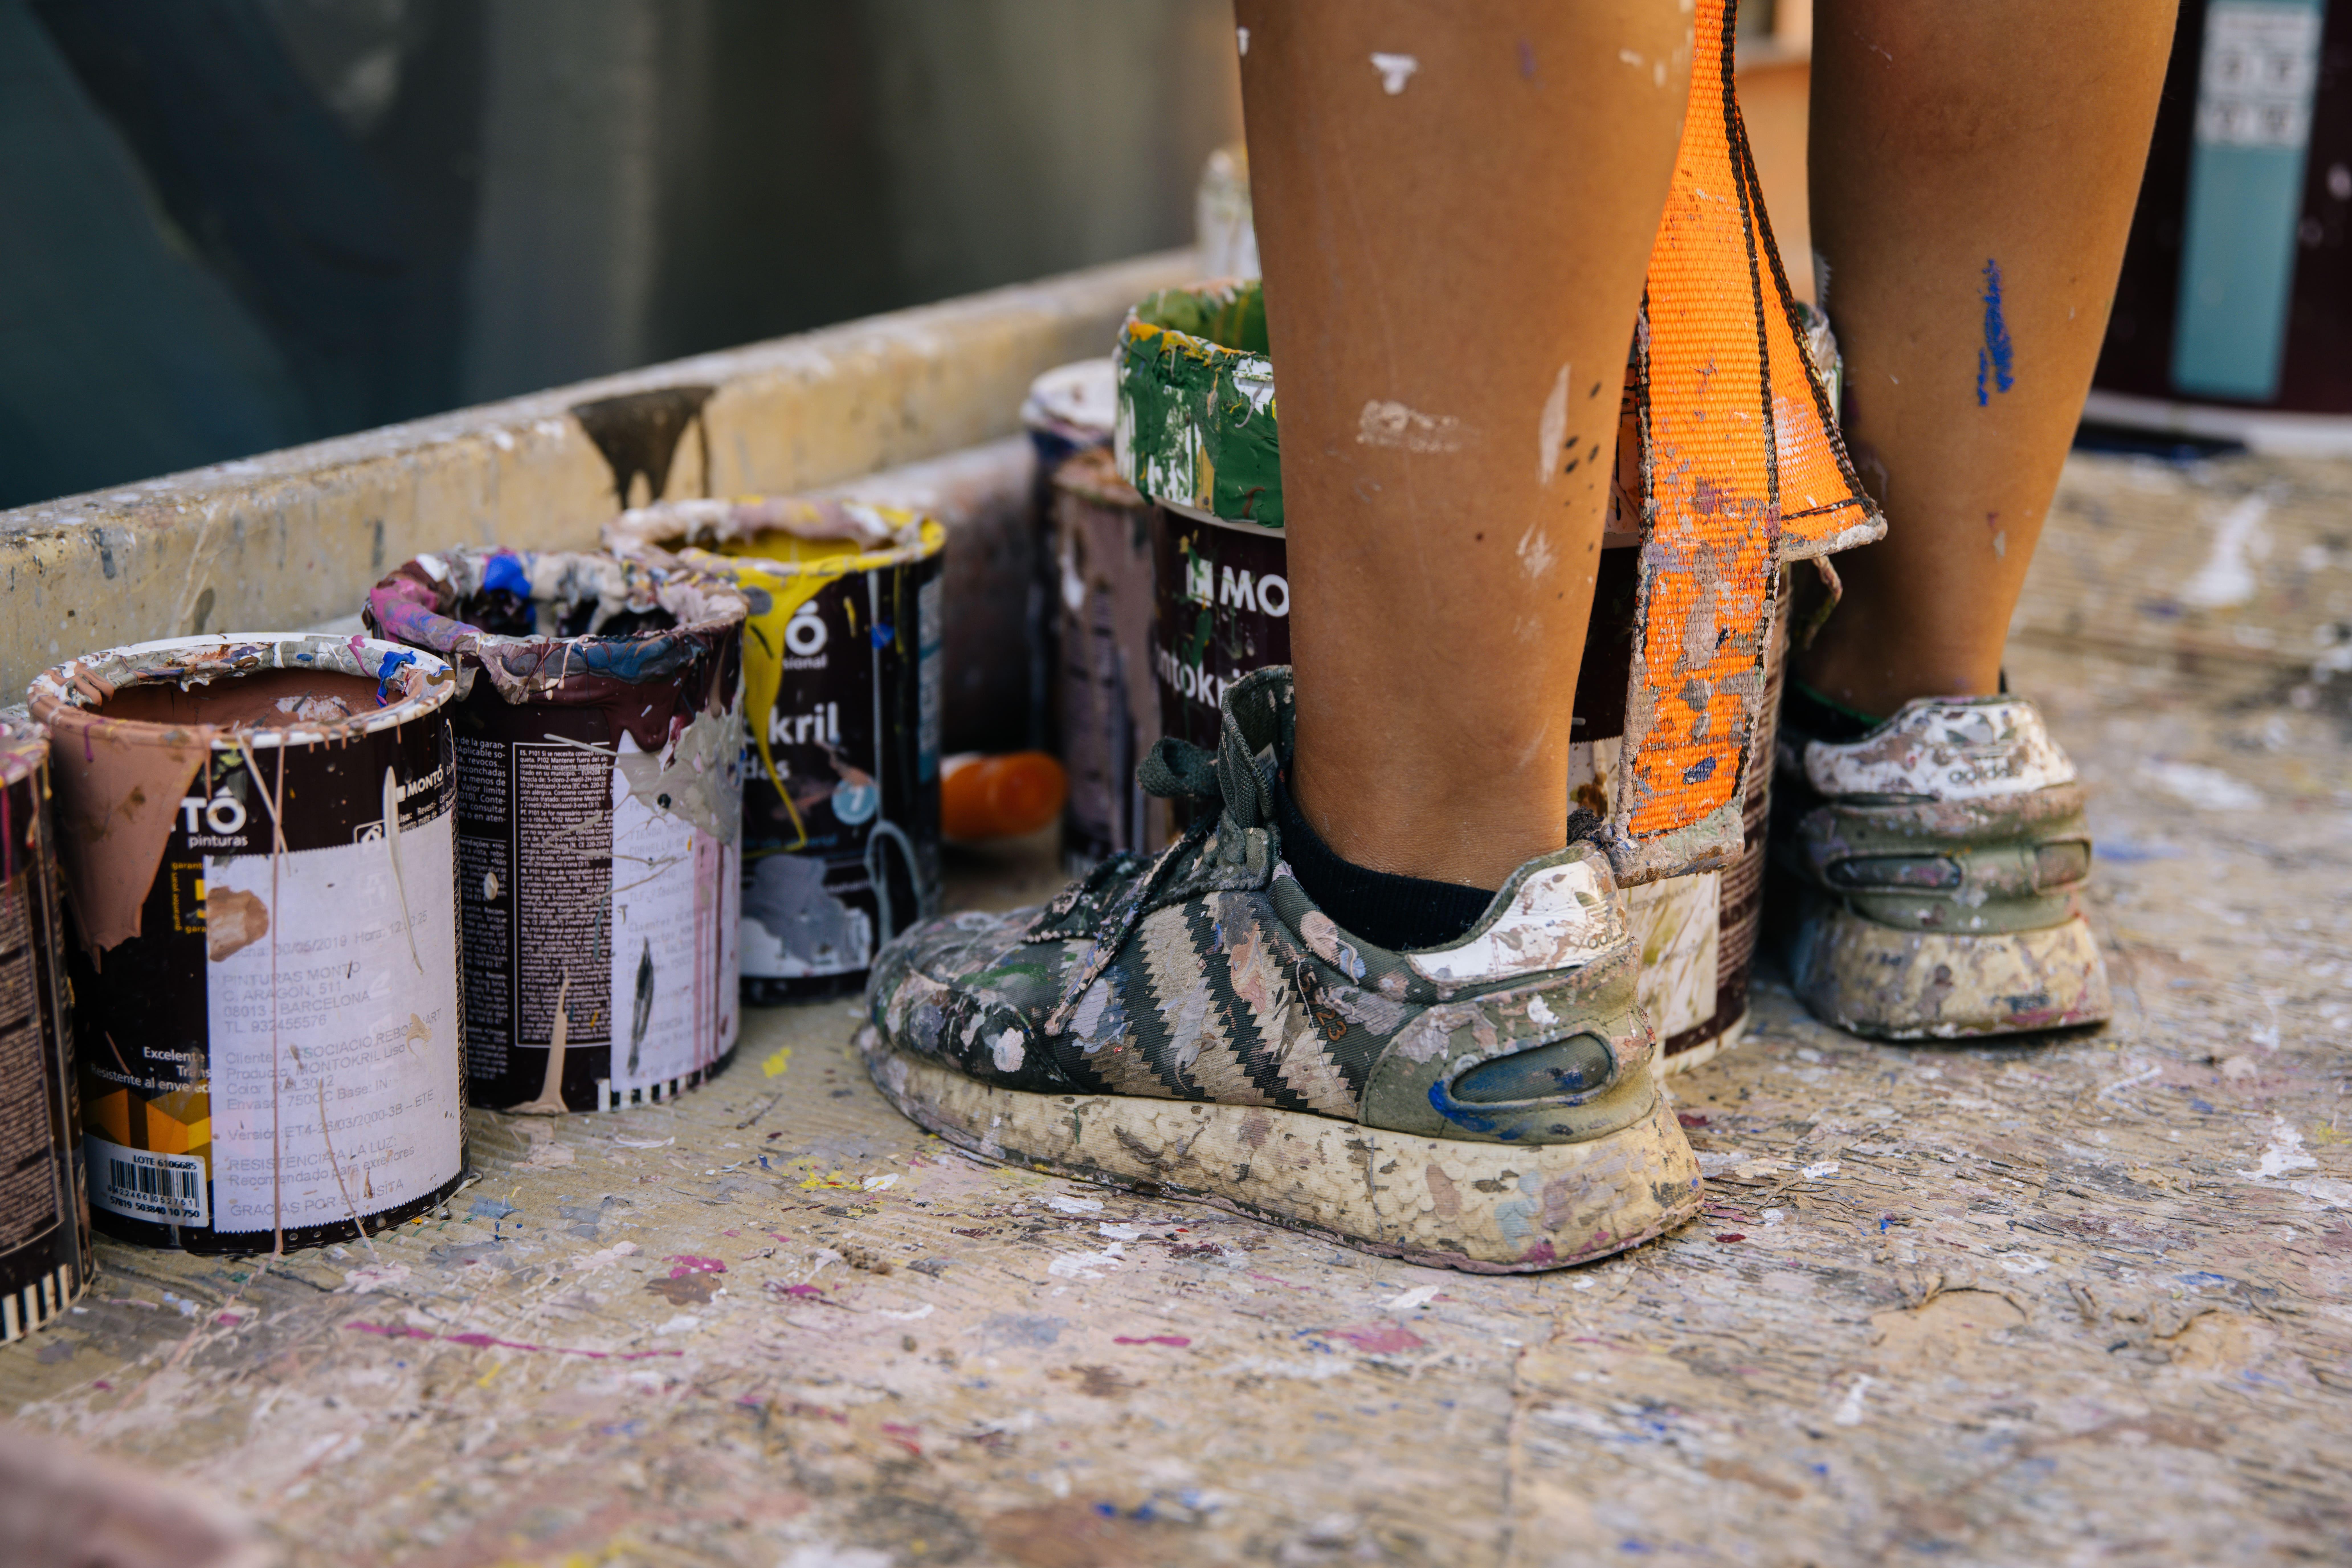 detalle de pies y pintura mural